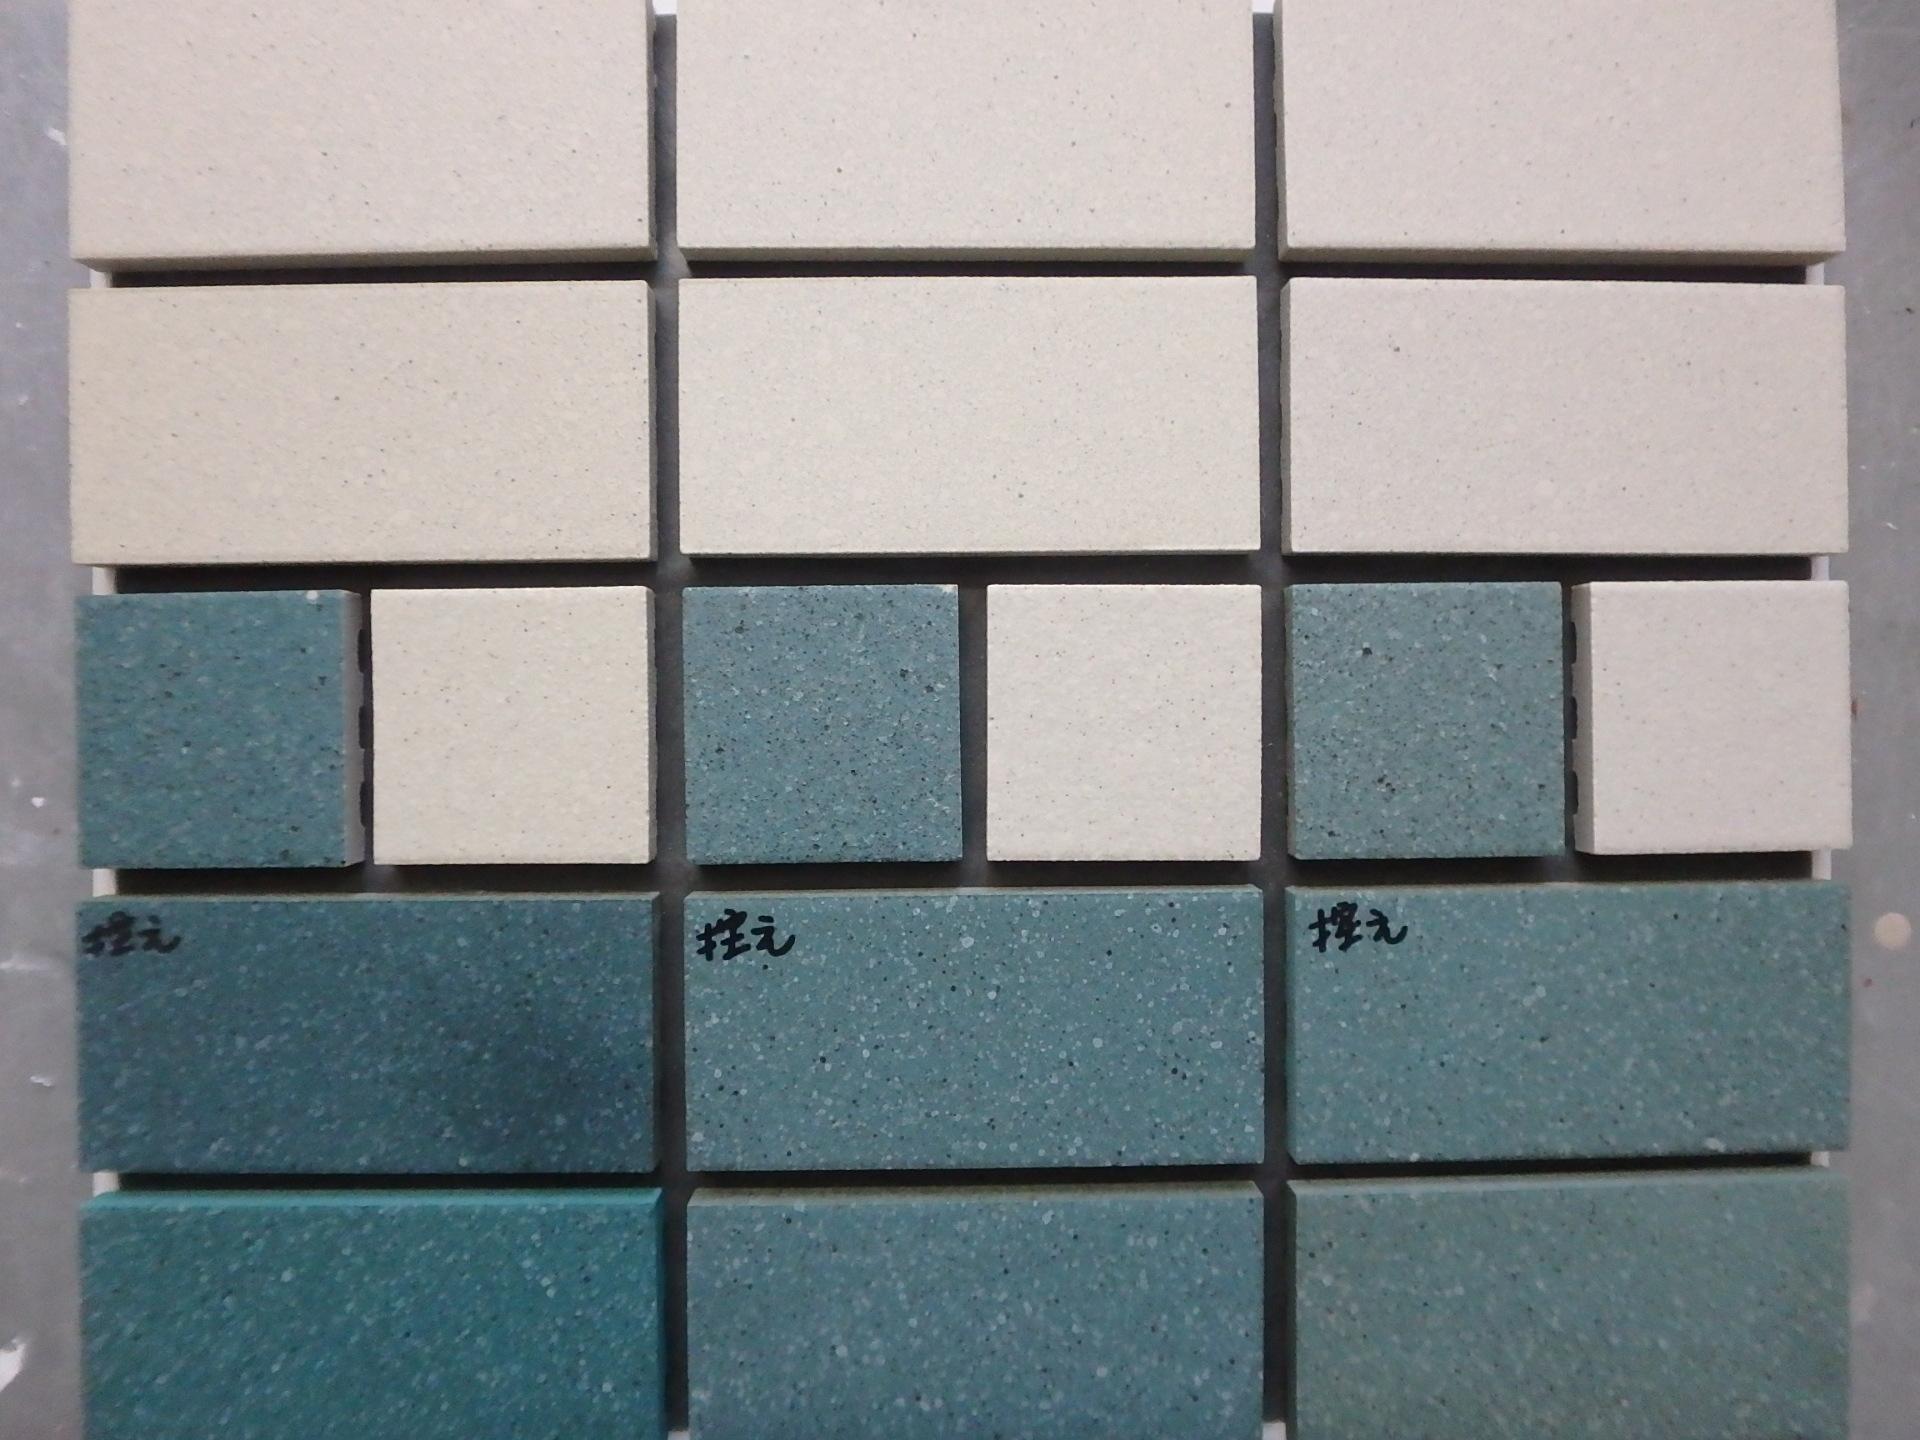 リコートでのタイルの色合わせ 補修 改修タイル情報局 補修用 改修用タイルは リボーンタイル へ